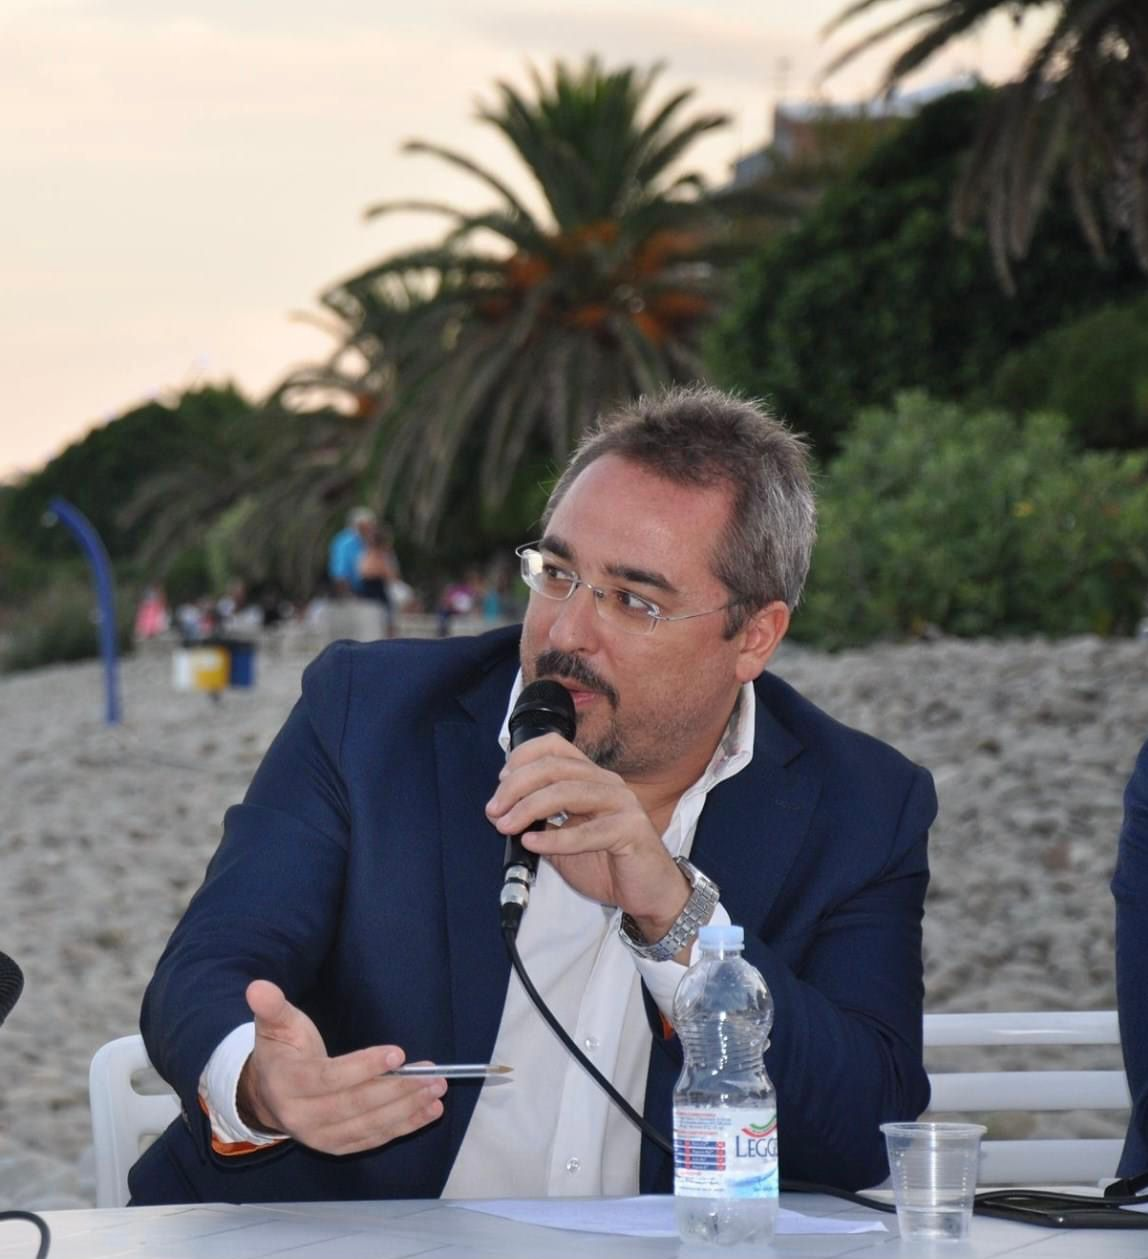 Andrea Mazzotta